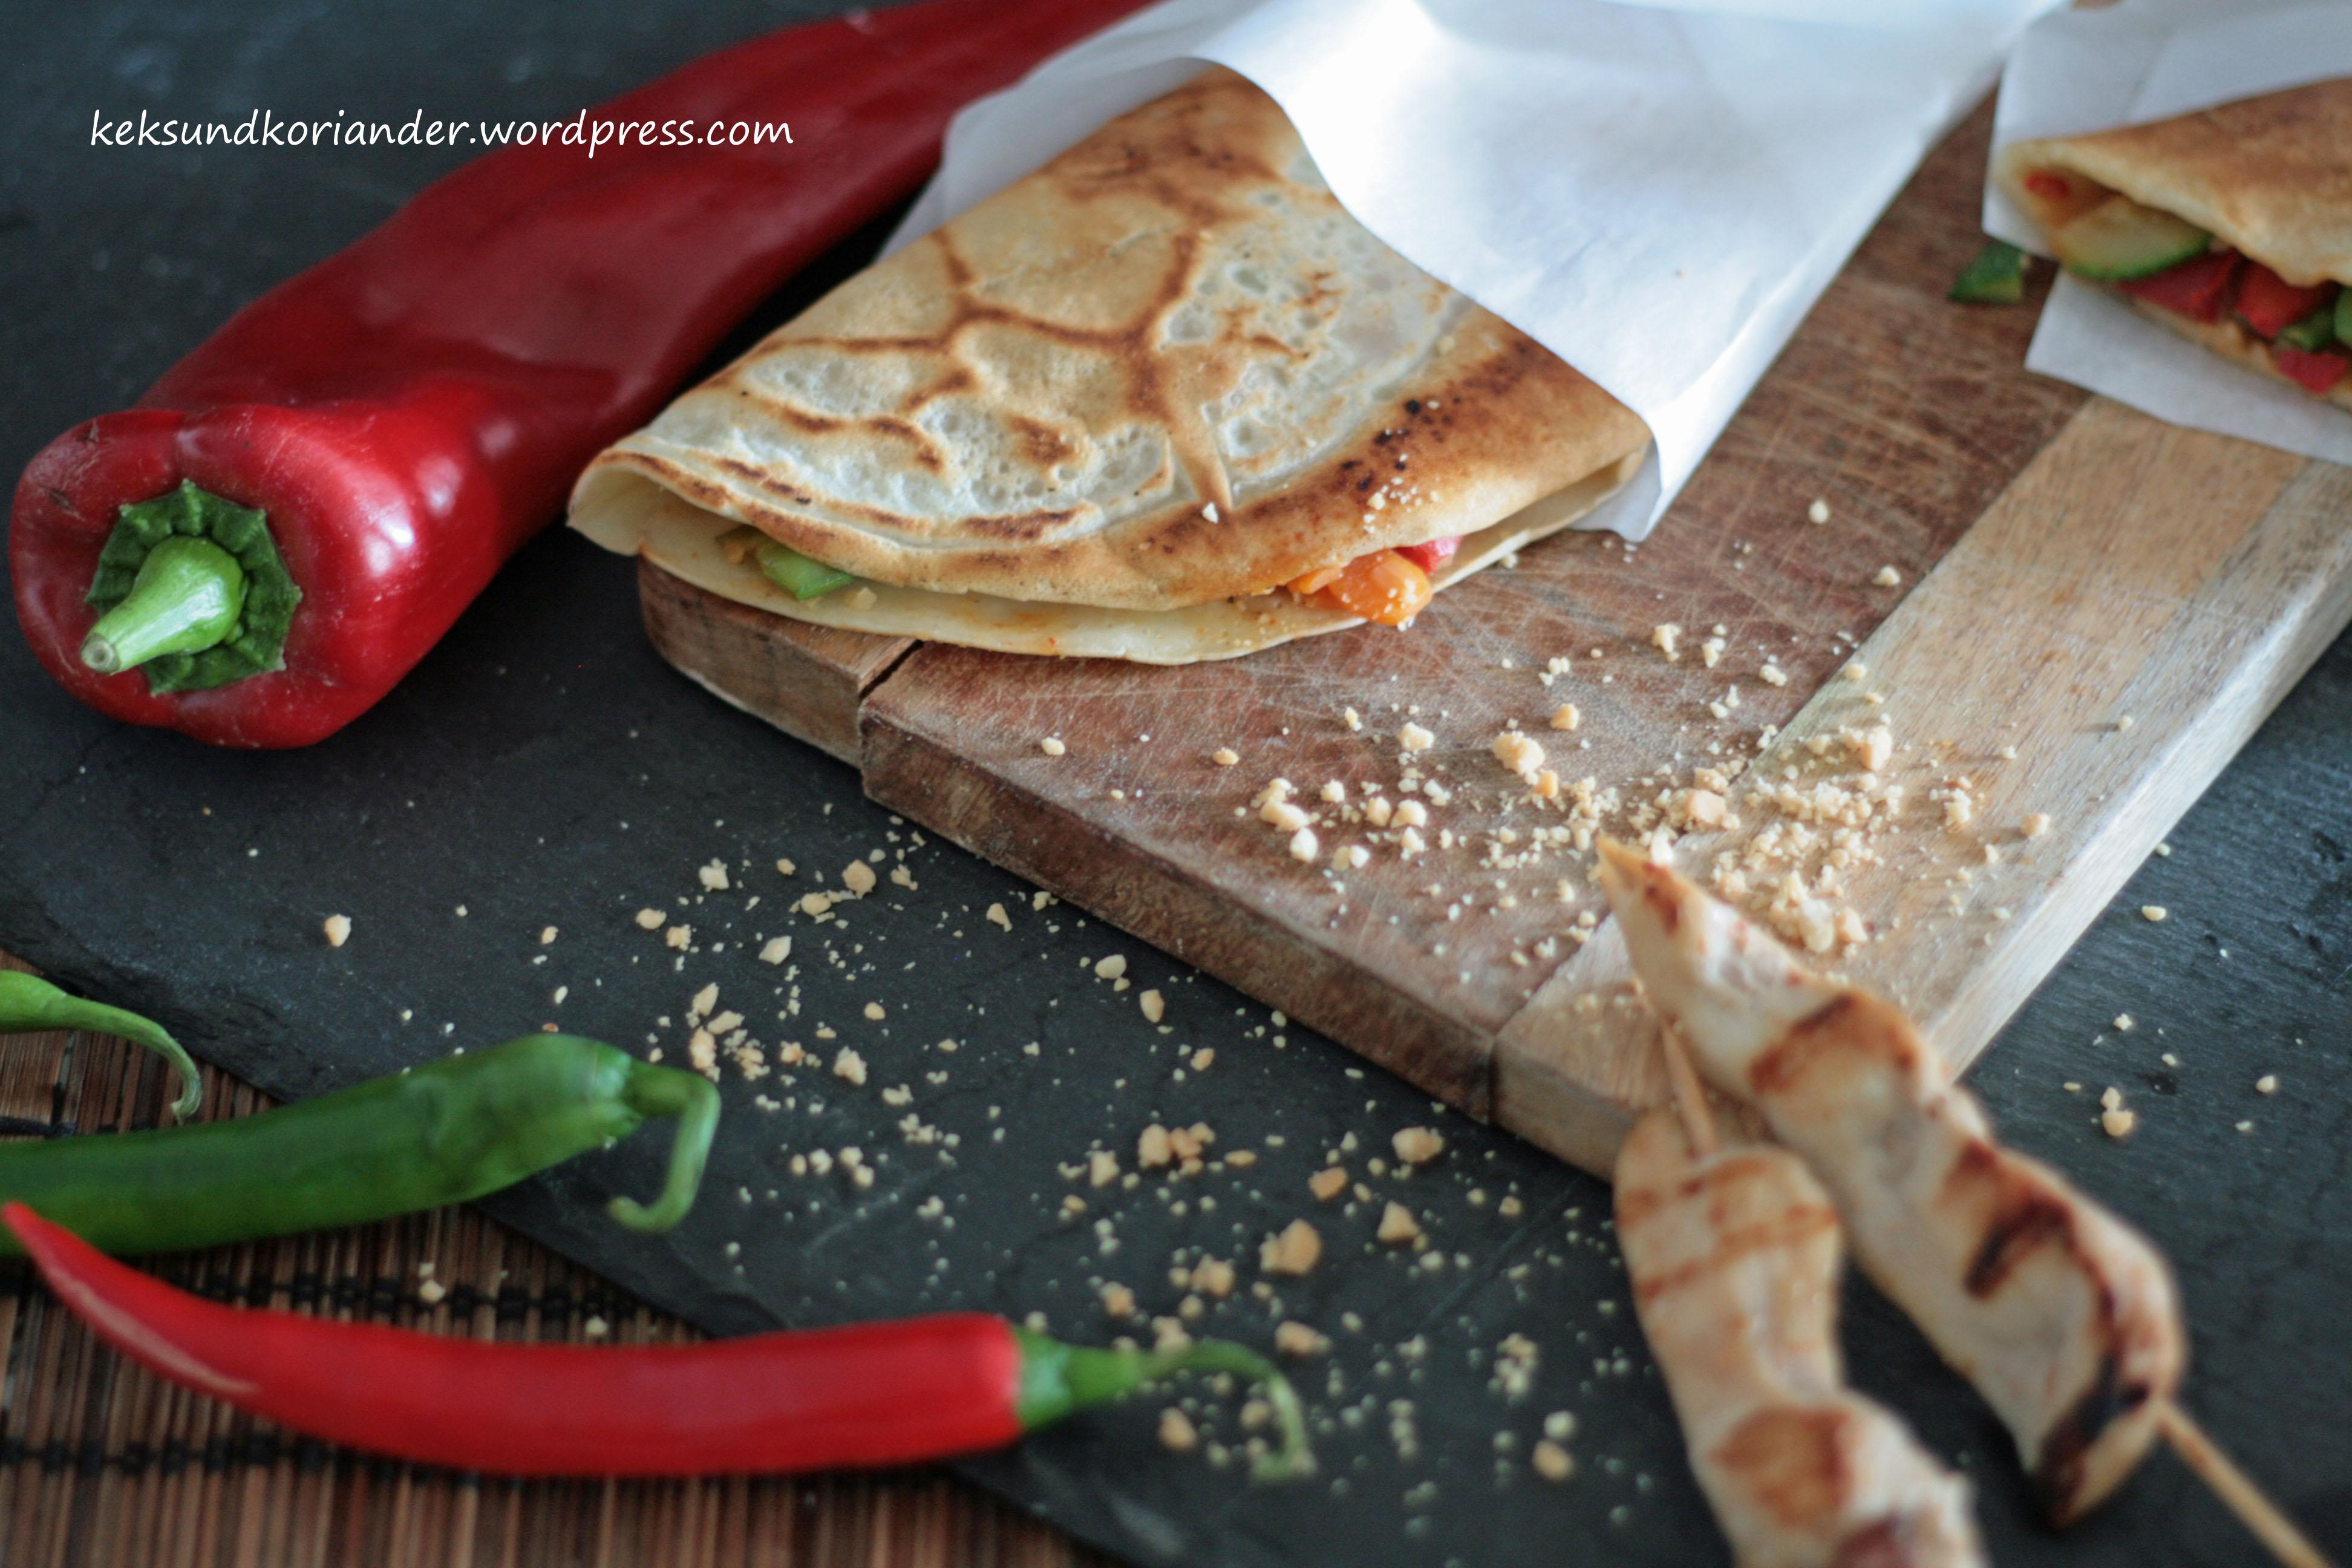 Serabi indonesische Pfannkuchen Gemüse Sambal Oelek 3